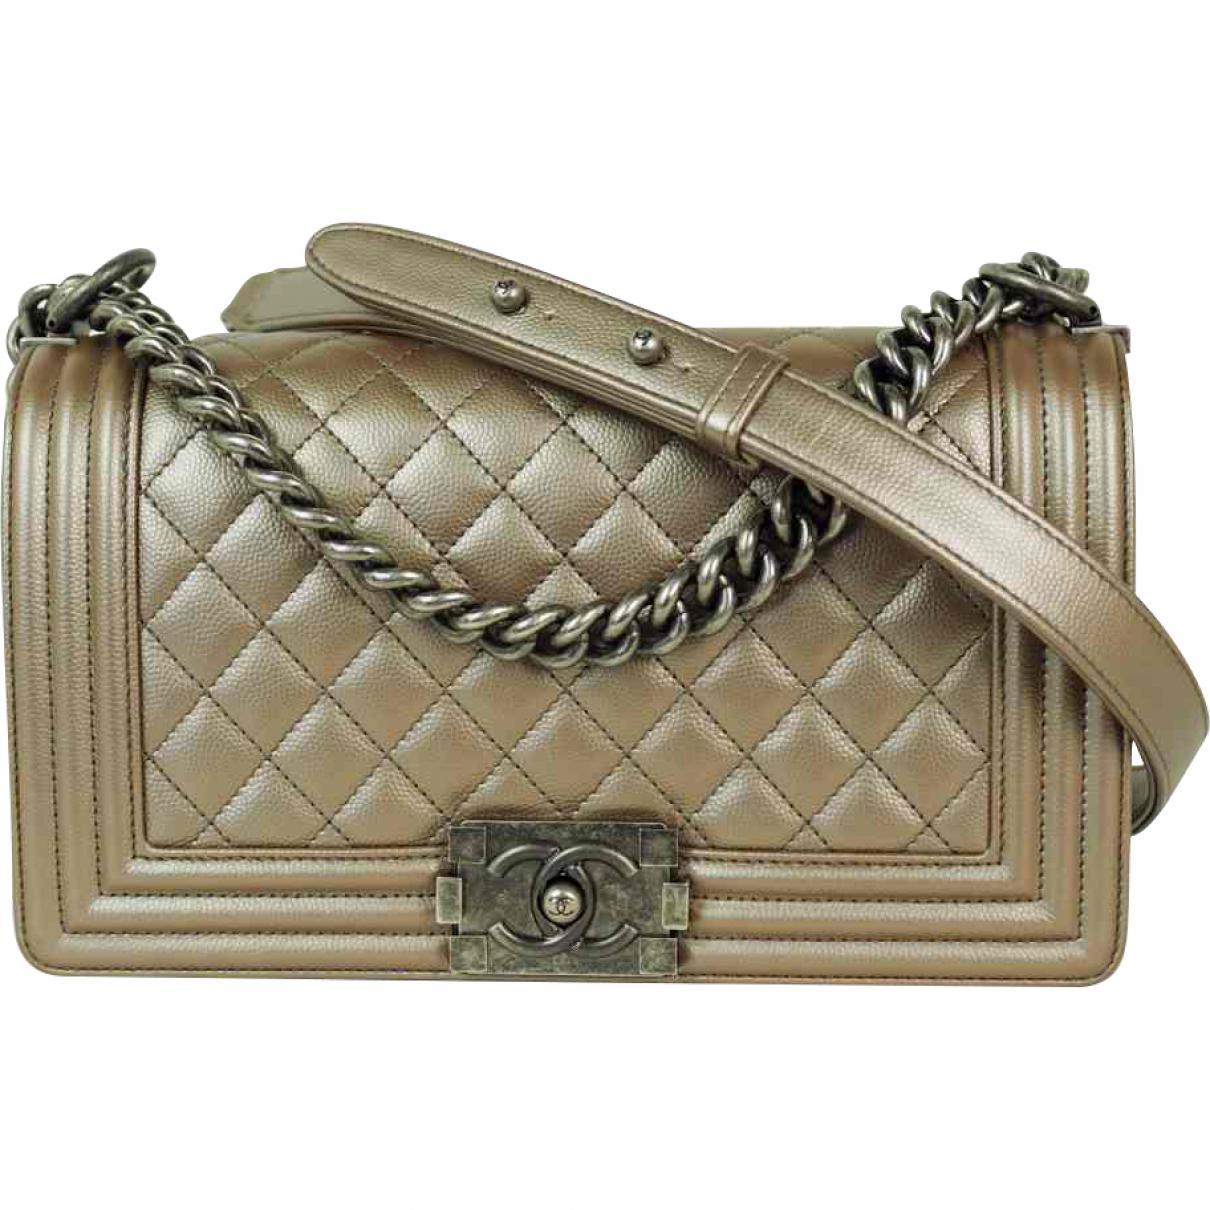 1abd9297896c Lyst - Chanel Boy Leather Handbag in Metallic